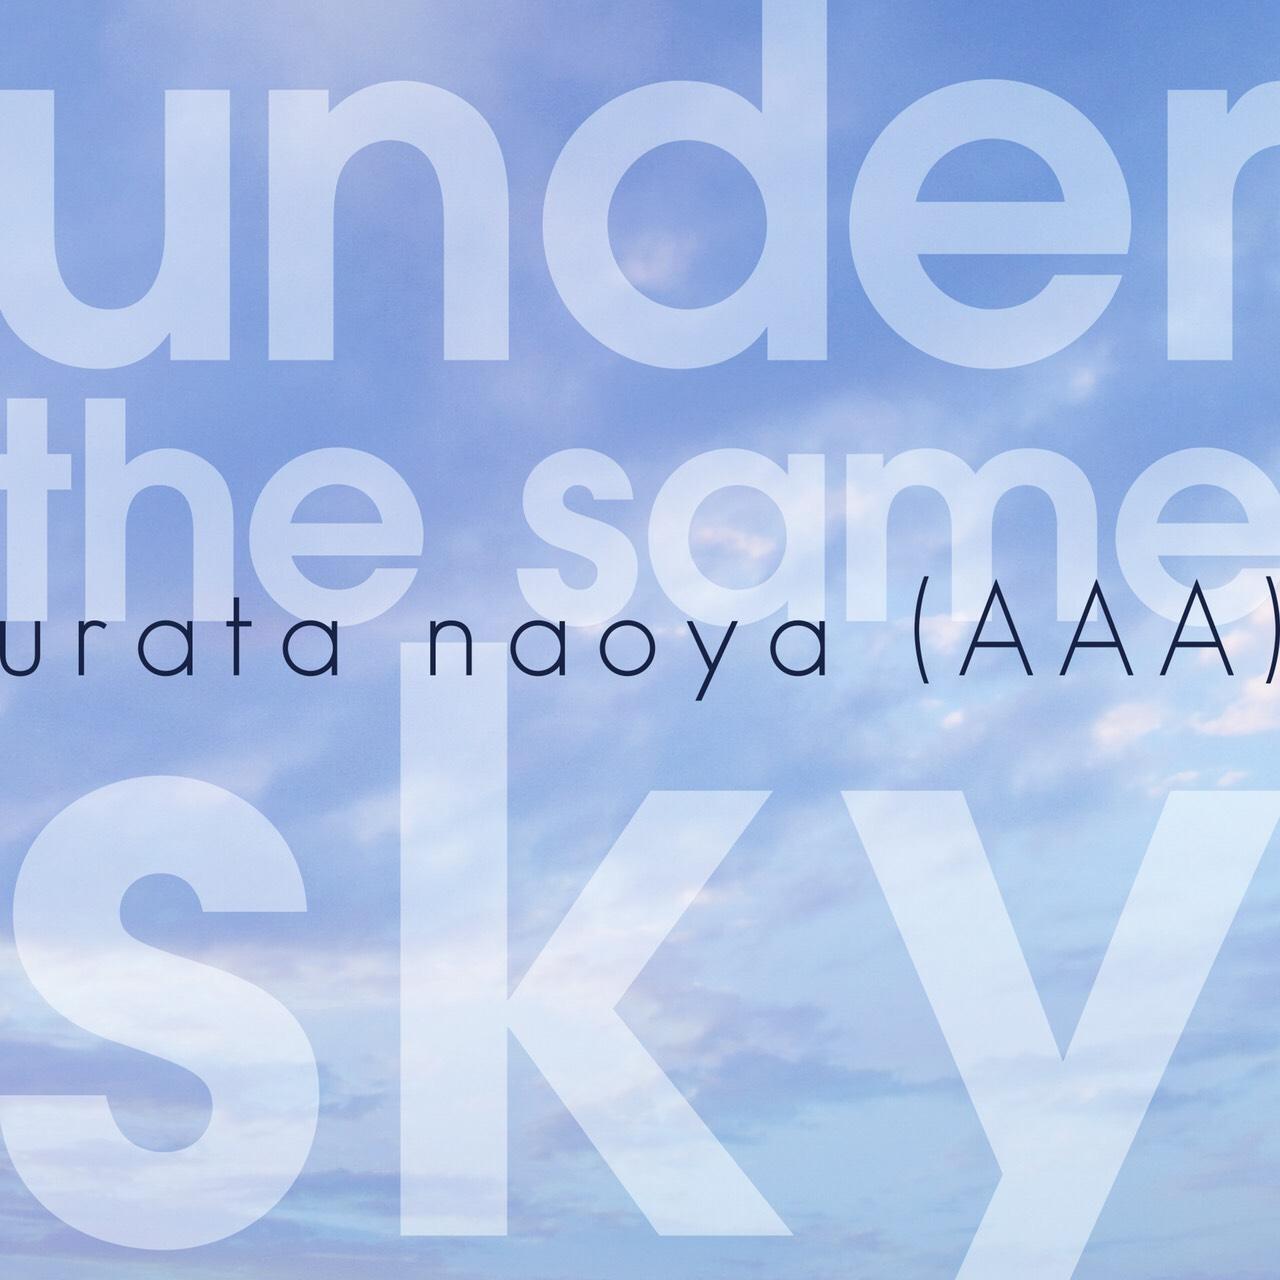 urata naoya (AAA) 話題の新曲「under the same sky」配信スタート